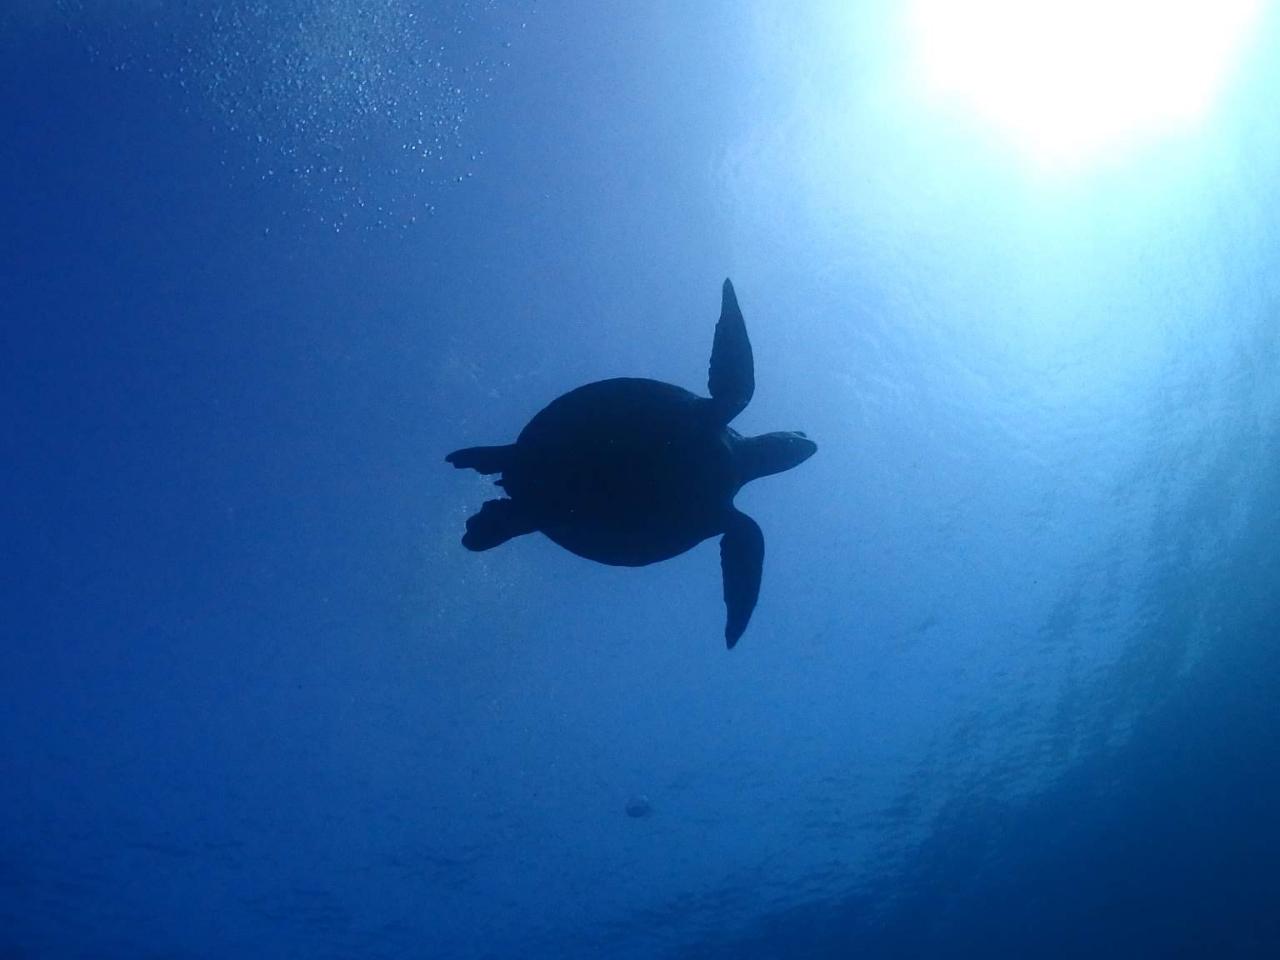 【初めての方大歓迎☆シュノーケリング】◆\海の世界にようこそ/きれいな伊豆の海で...